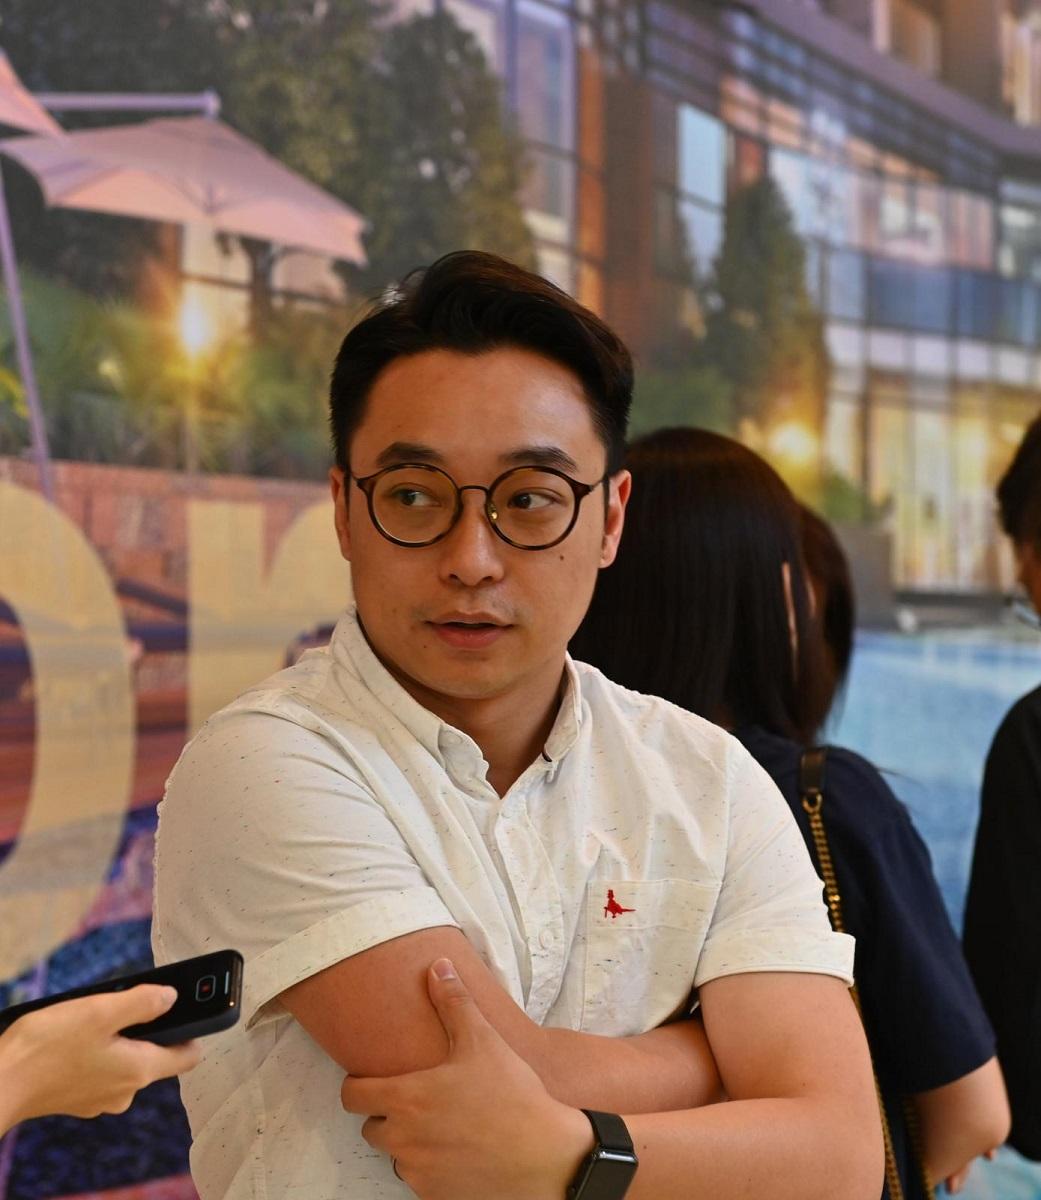 購入單位作長線收租的陳先生稱,自己有能力負擔,即使樓市有輕微調整,仍決定入市。